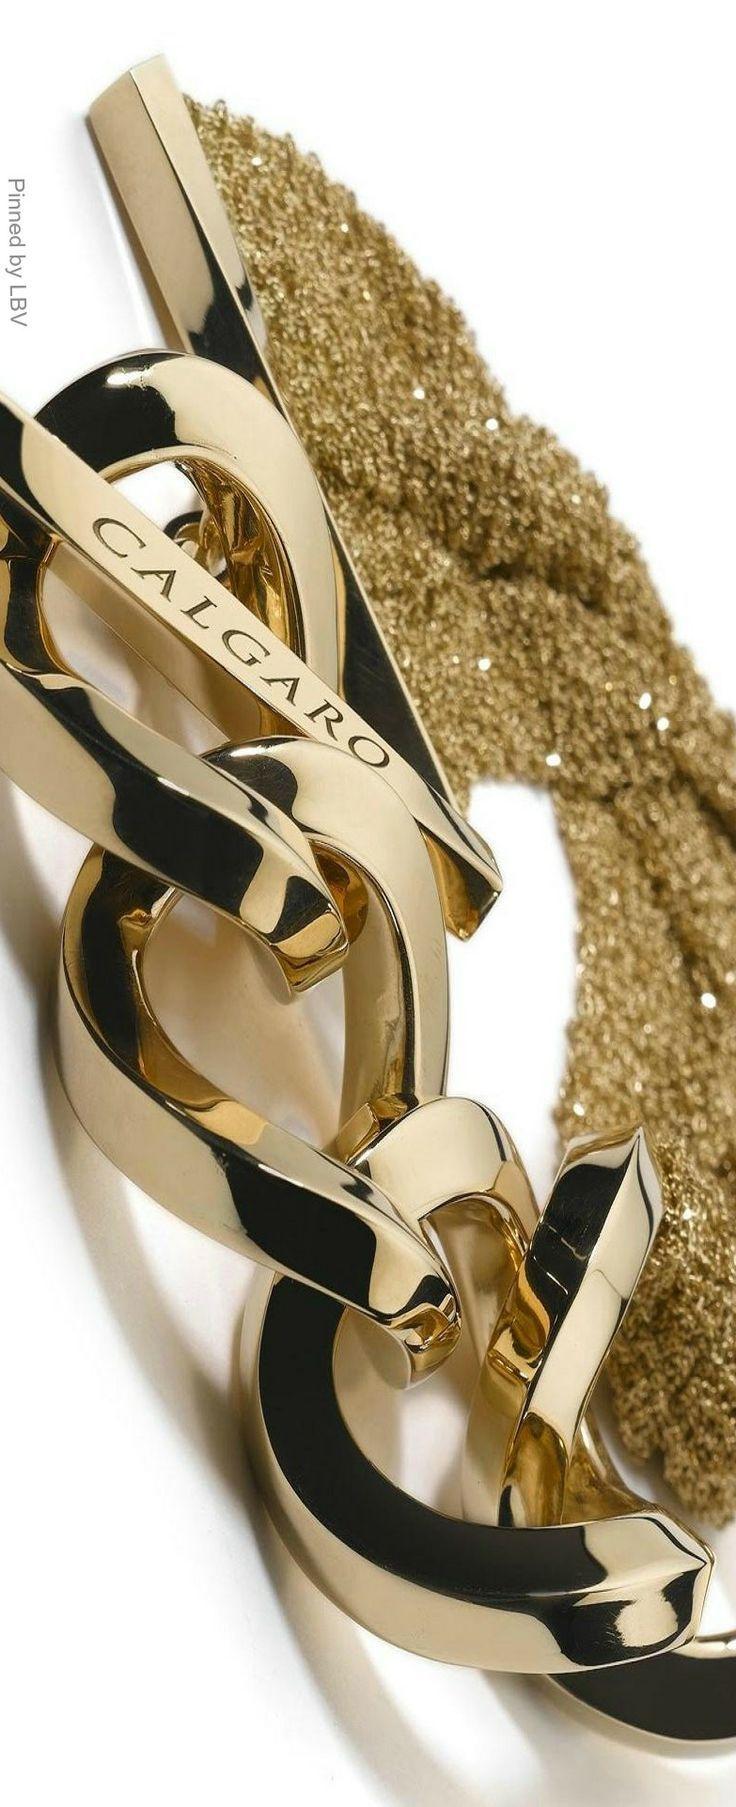 Colgaro Diva bracelet details